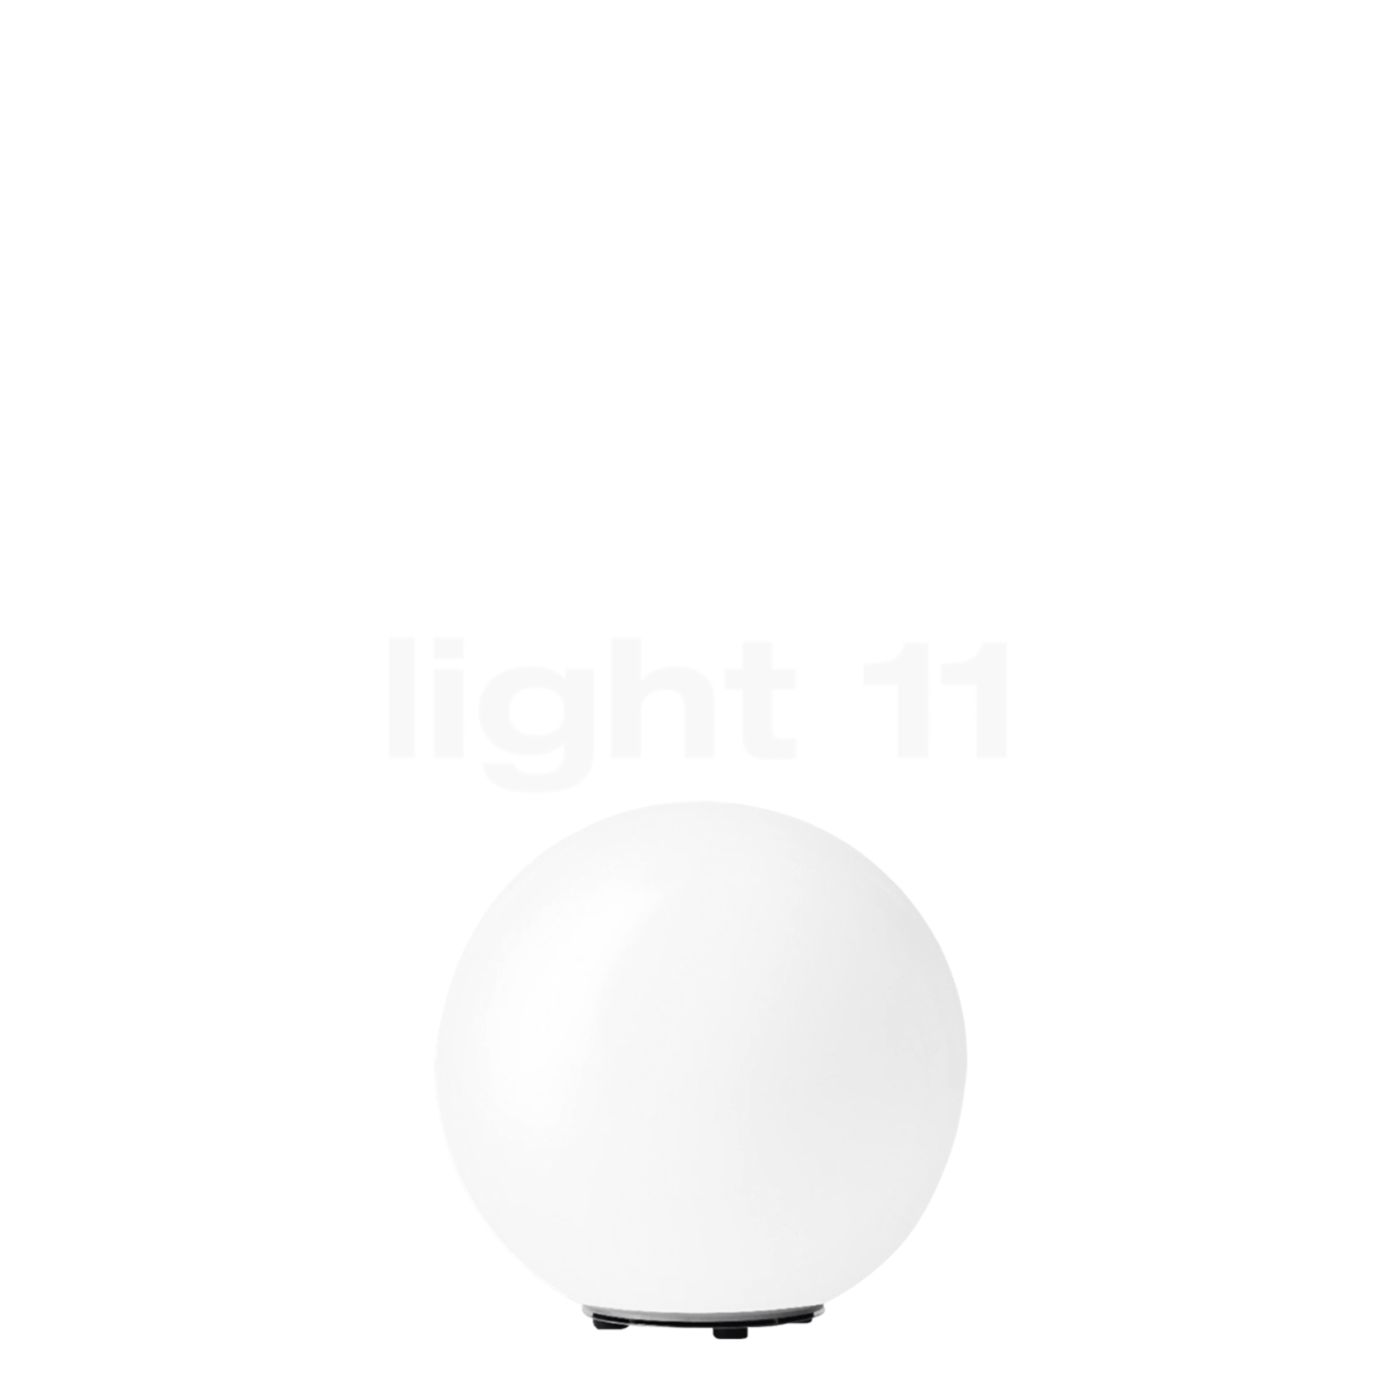 Bega 55013 - flexible Gartenleuchte ø35 cm, weiß